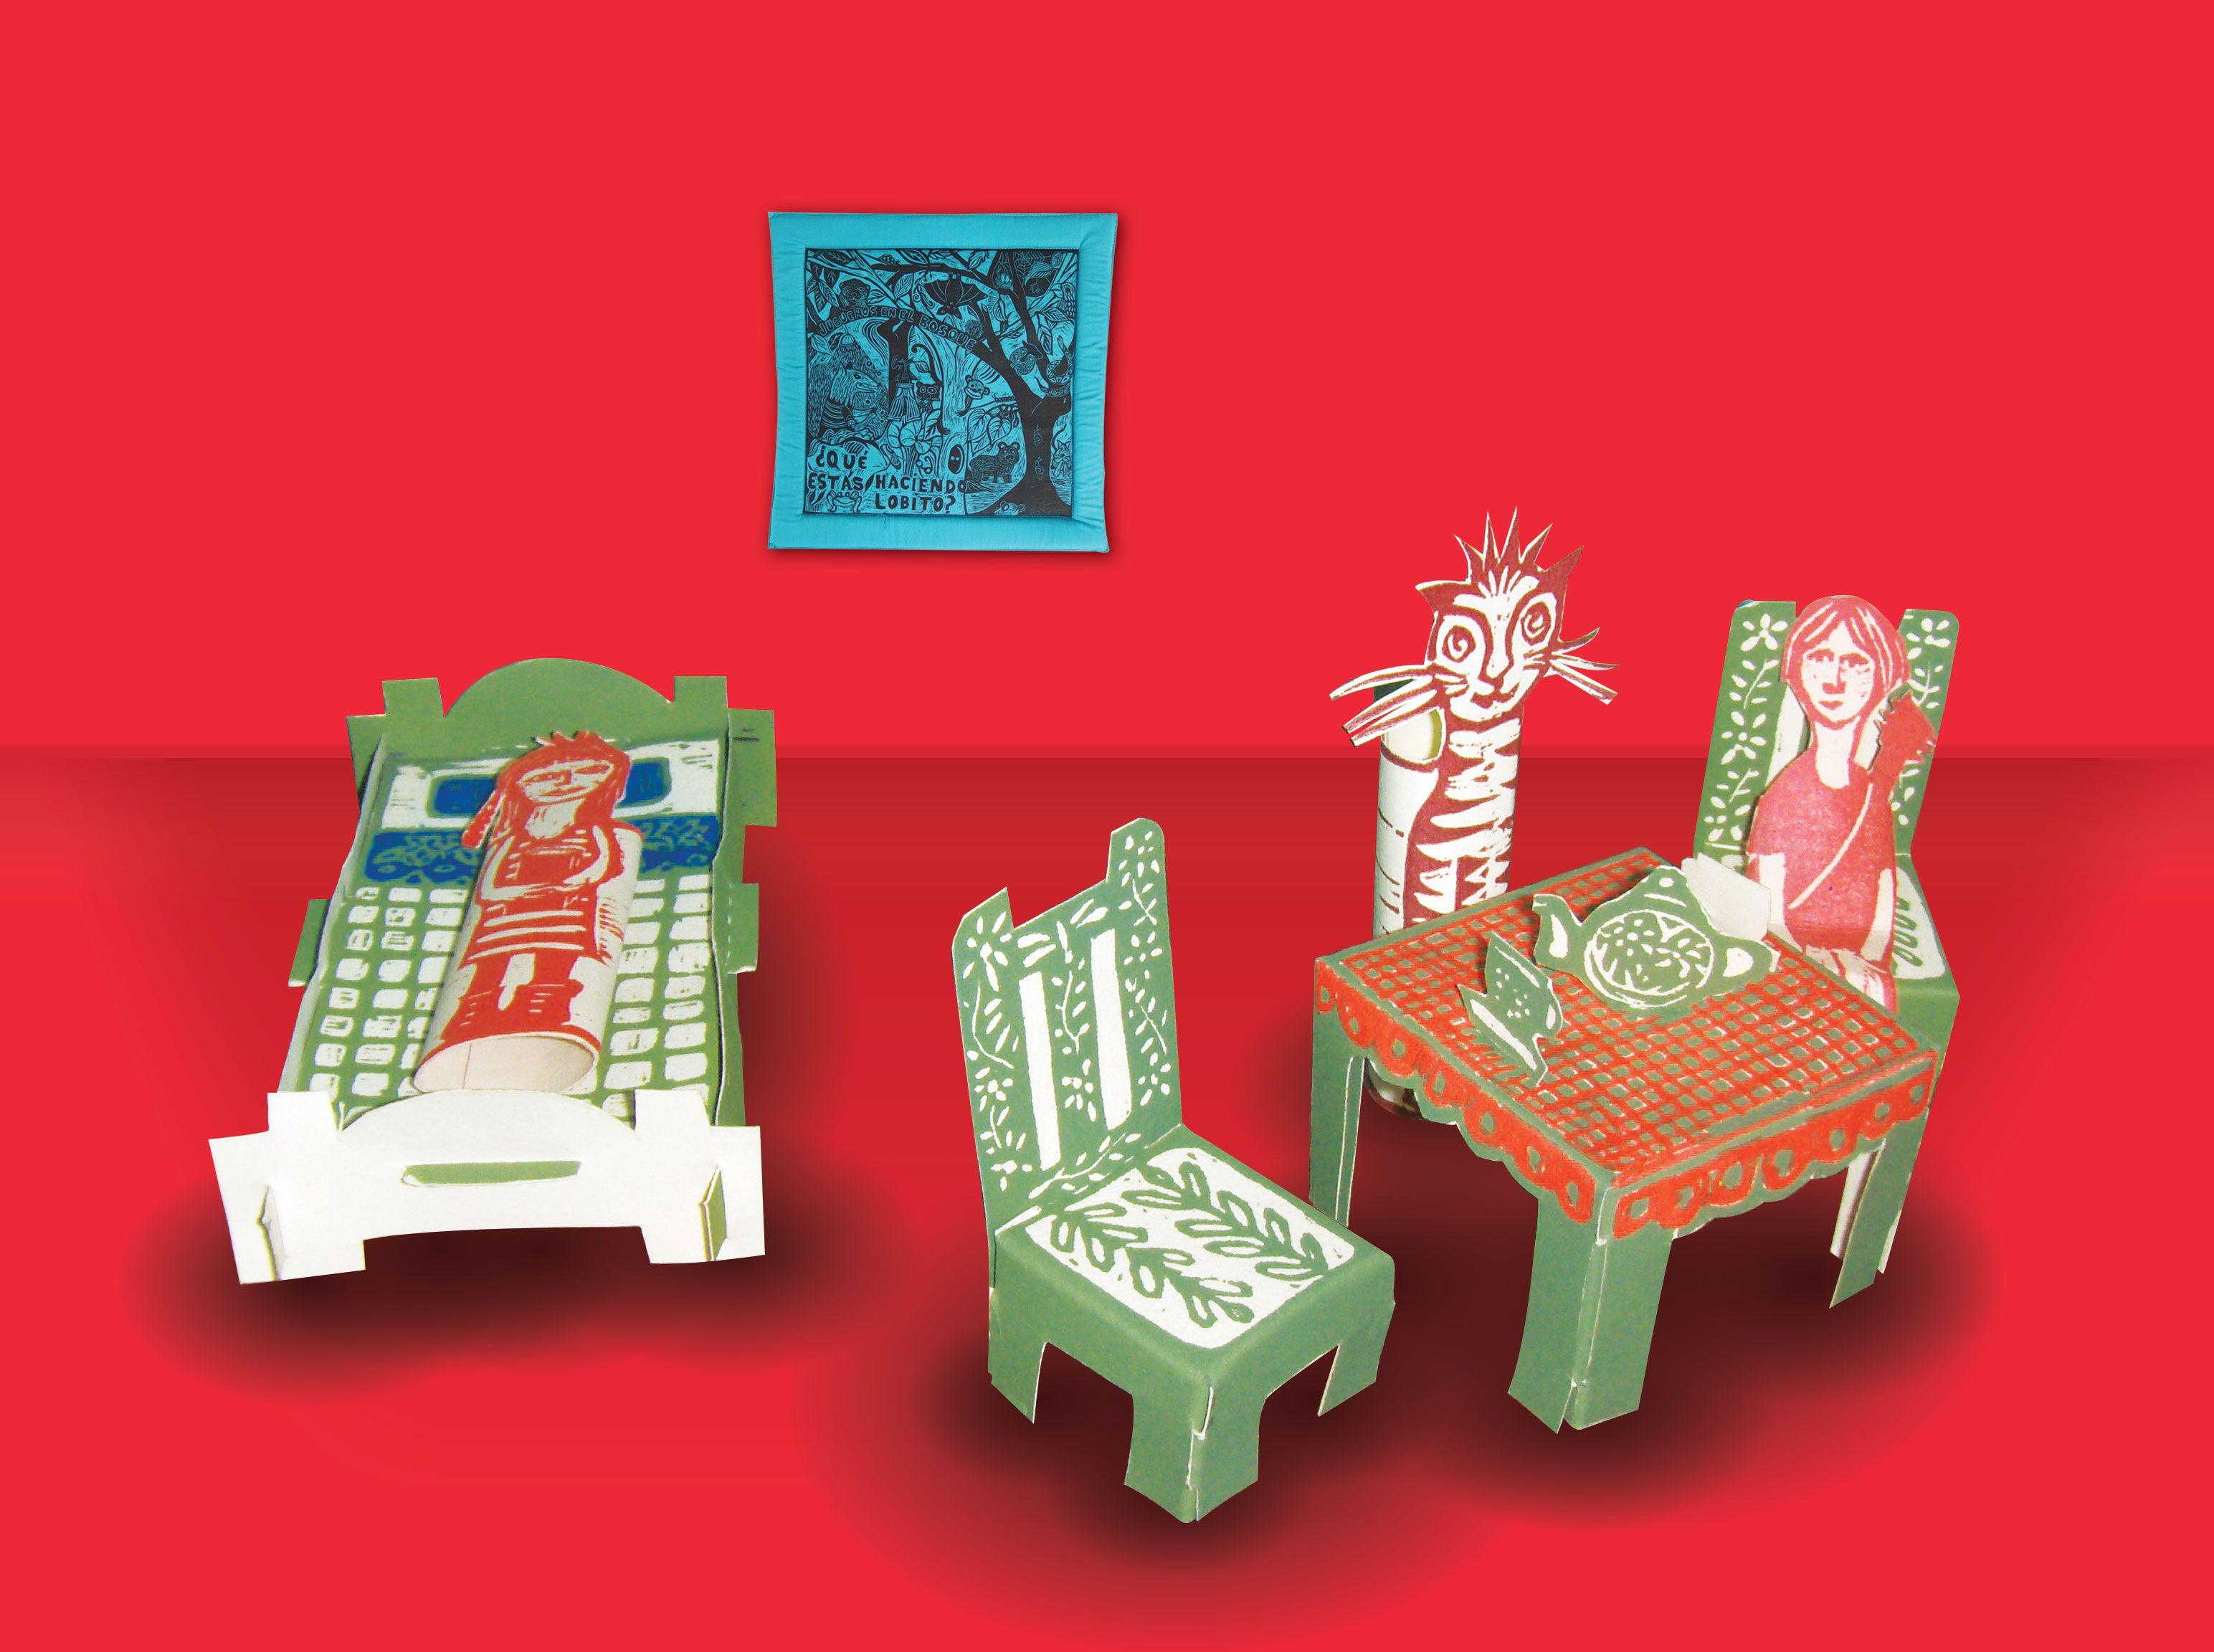 Dormitorio Para Armar En Xilograf A Casita De Mu Ecas Juguetes  # Gufanti Muebles